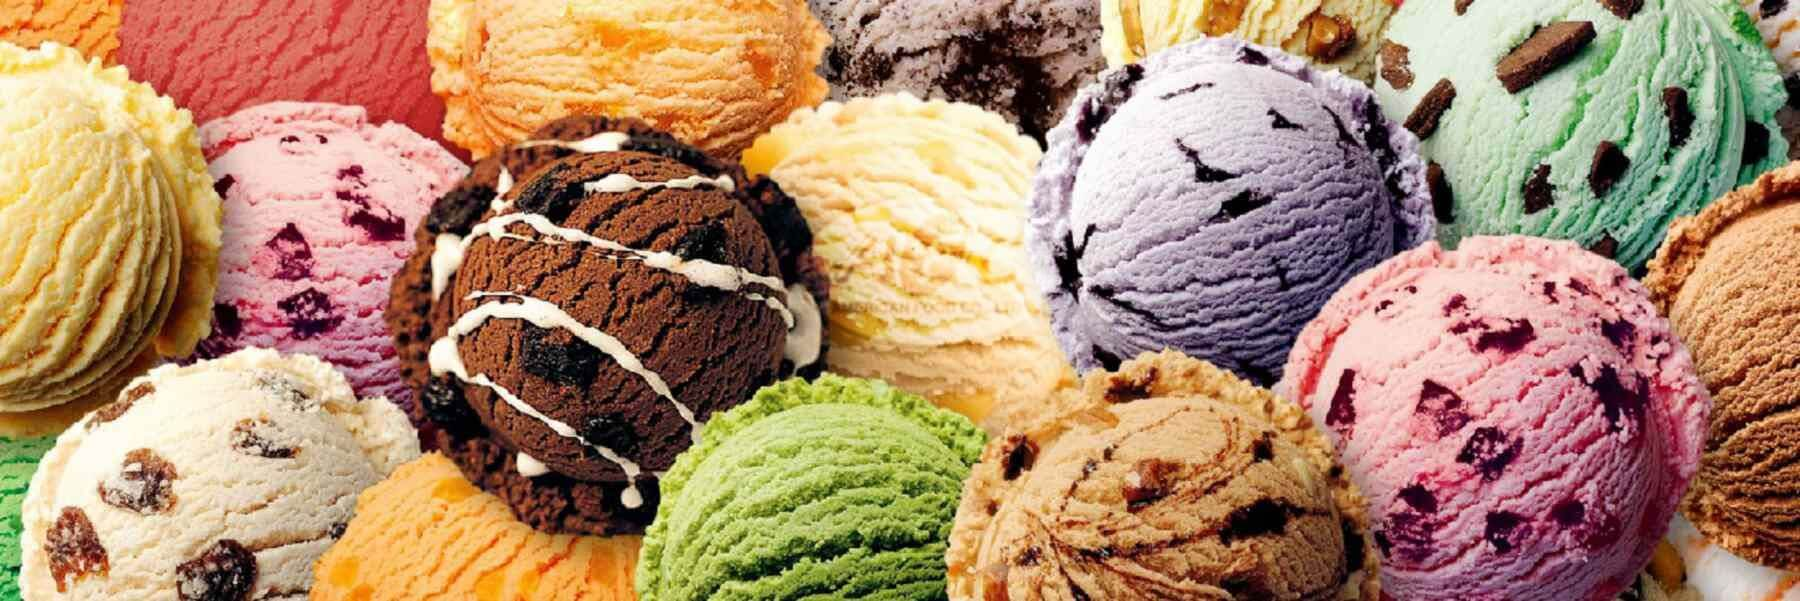 Quest Bar Ice Cream